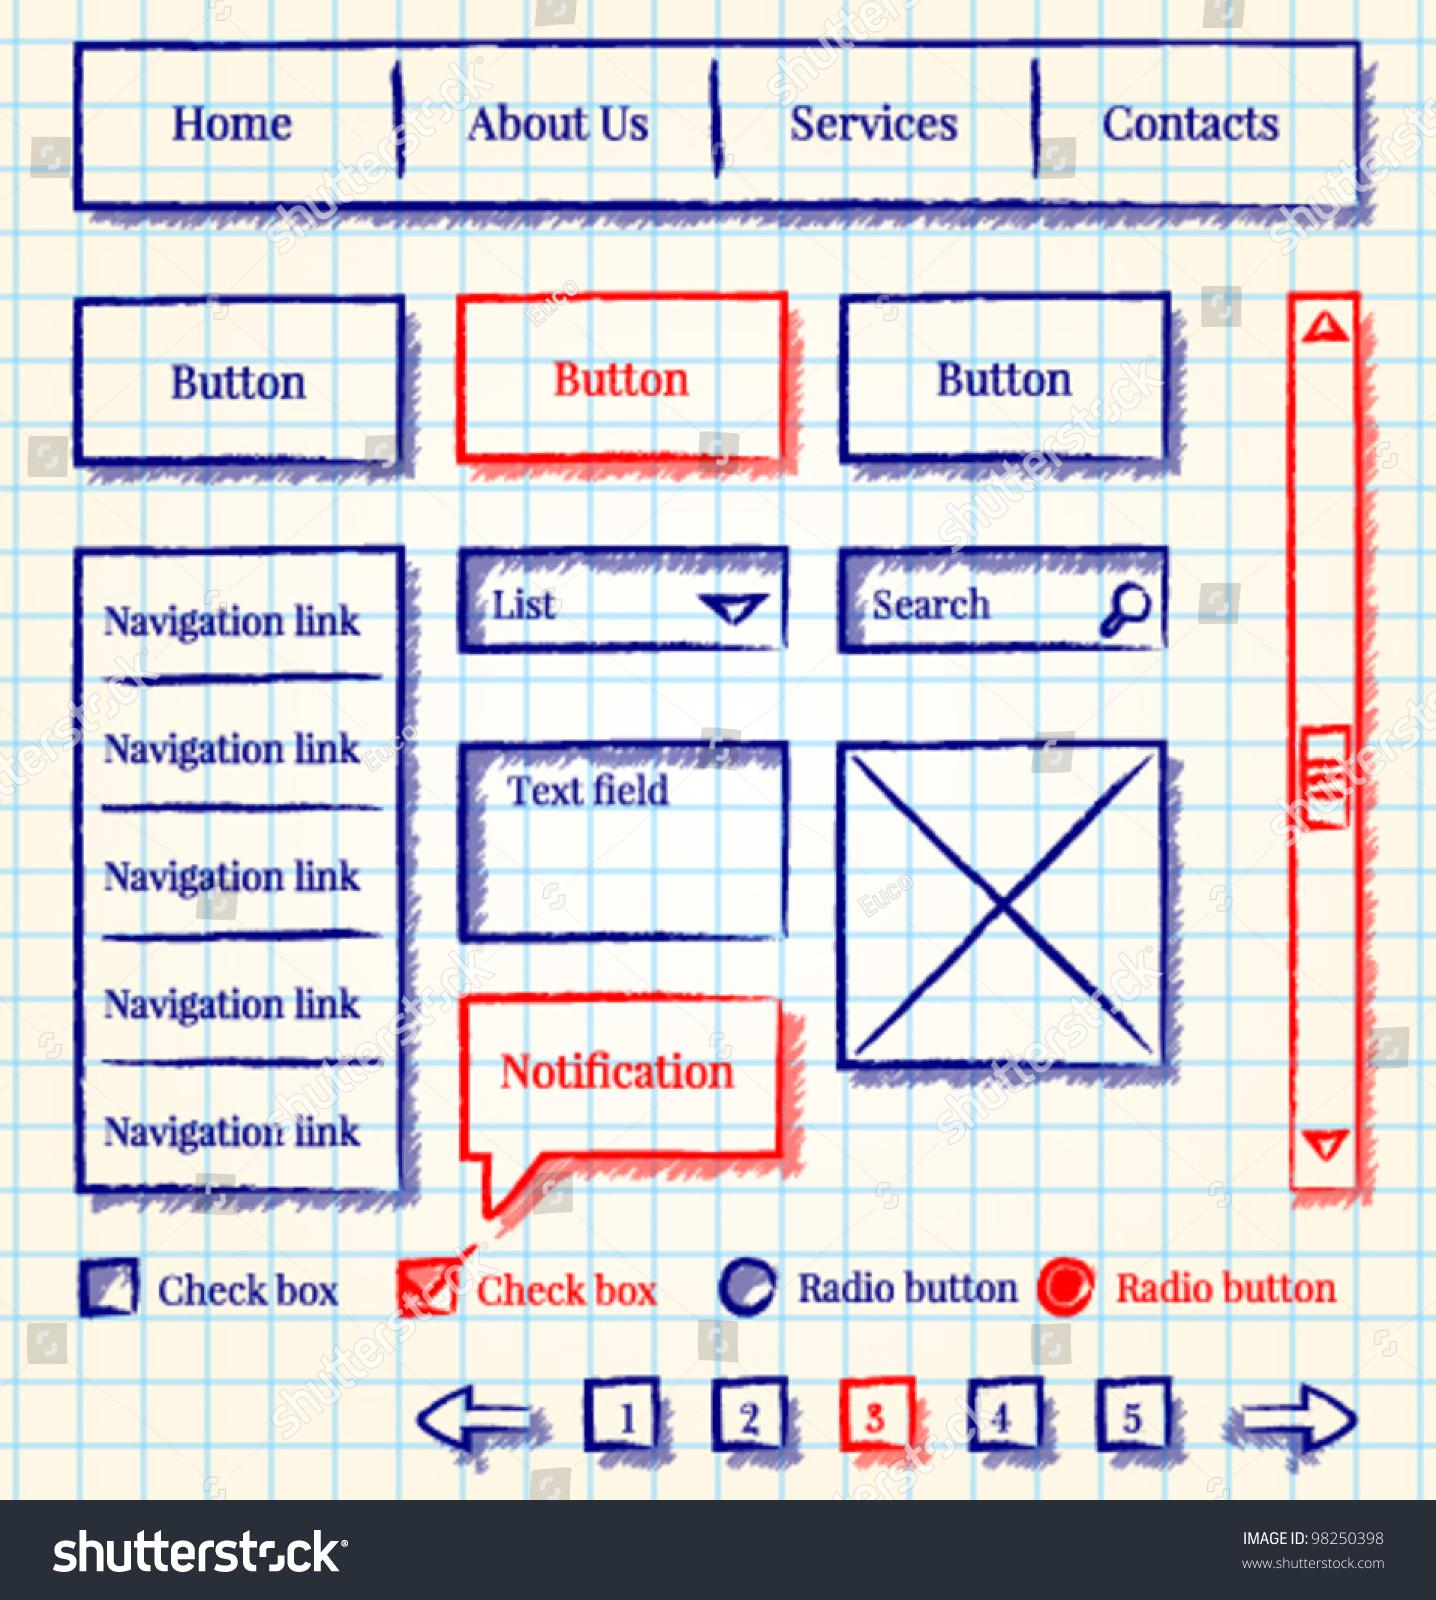 Website Template Design Sketch Stock Vector 98250398 - Shutterstock